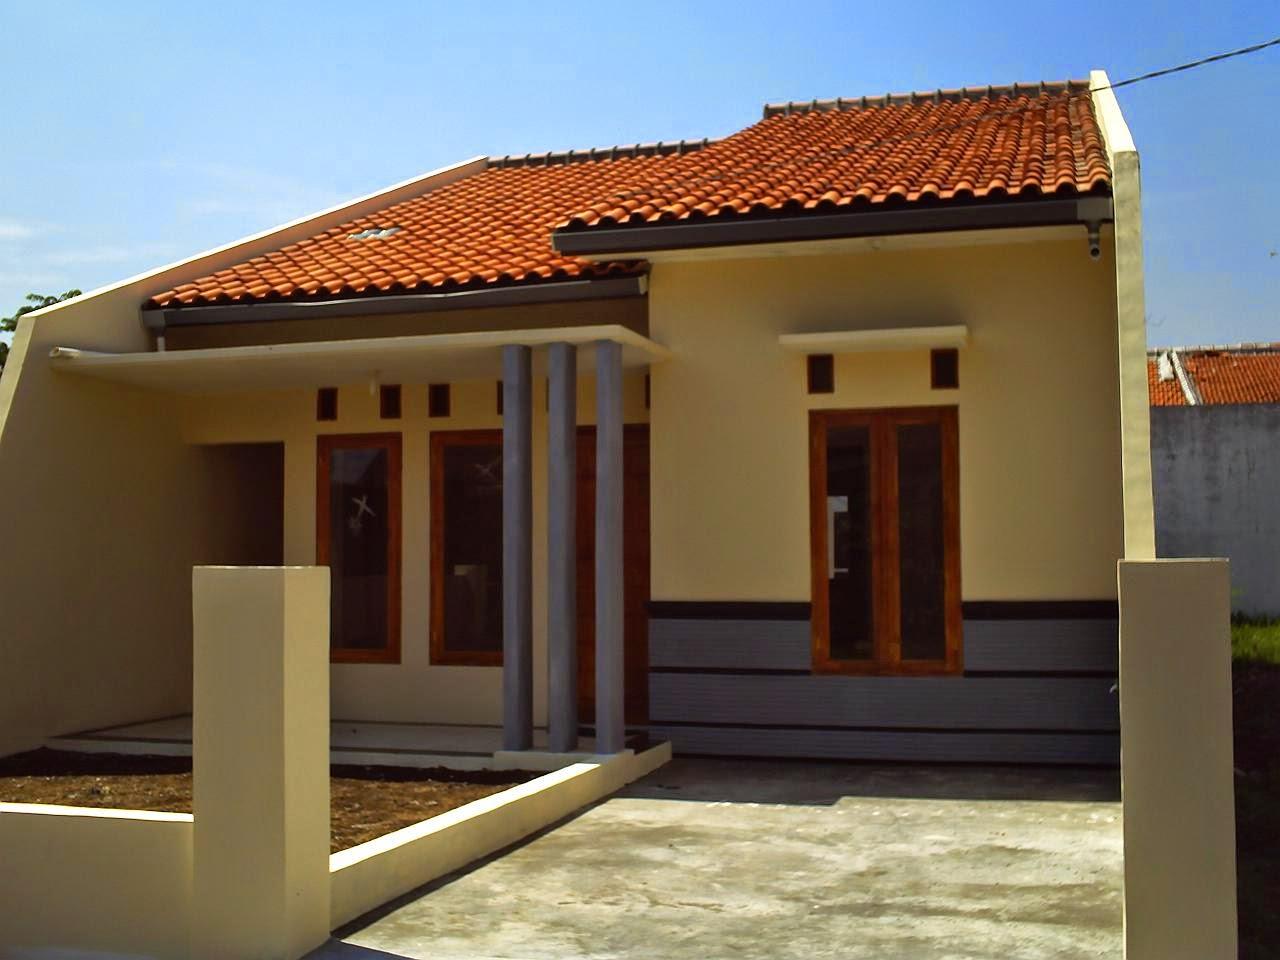 Model Depan Rumah Sangat Sederhana Merancang Desain Rumah